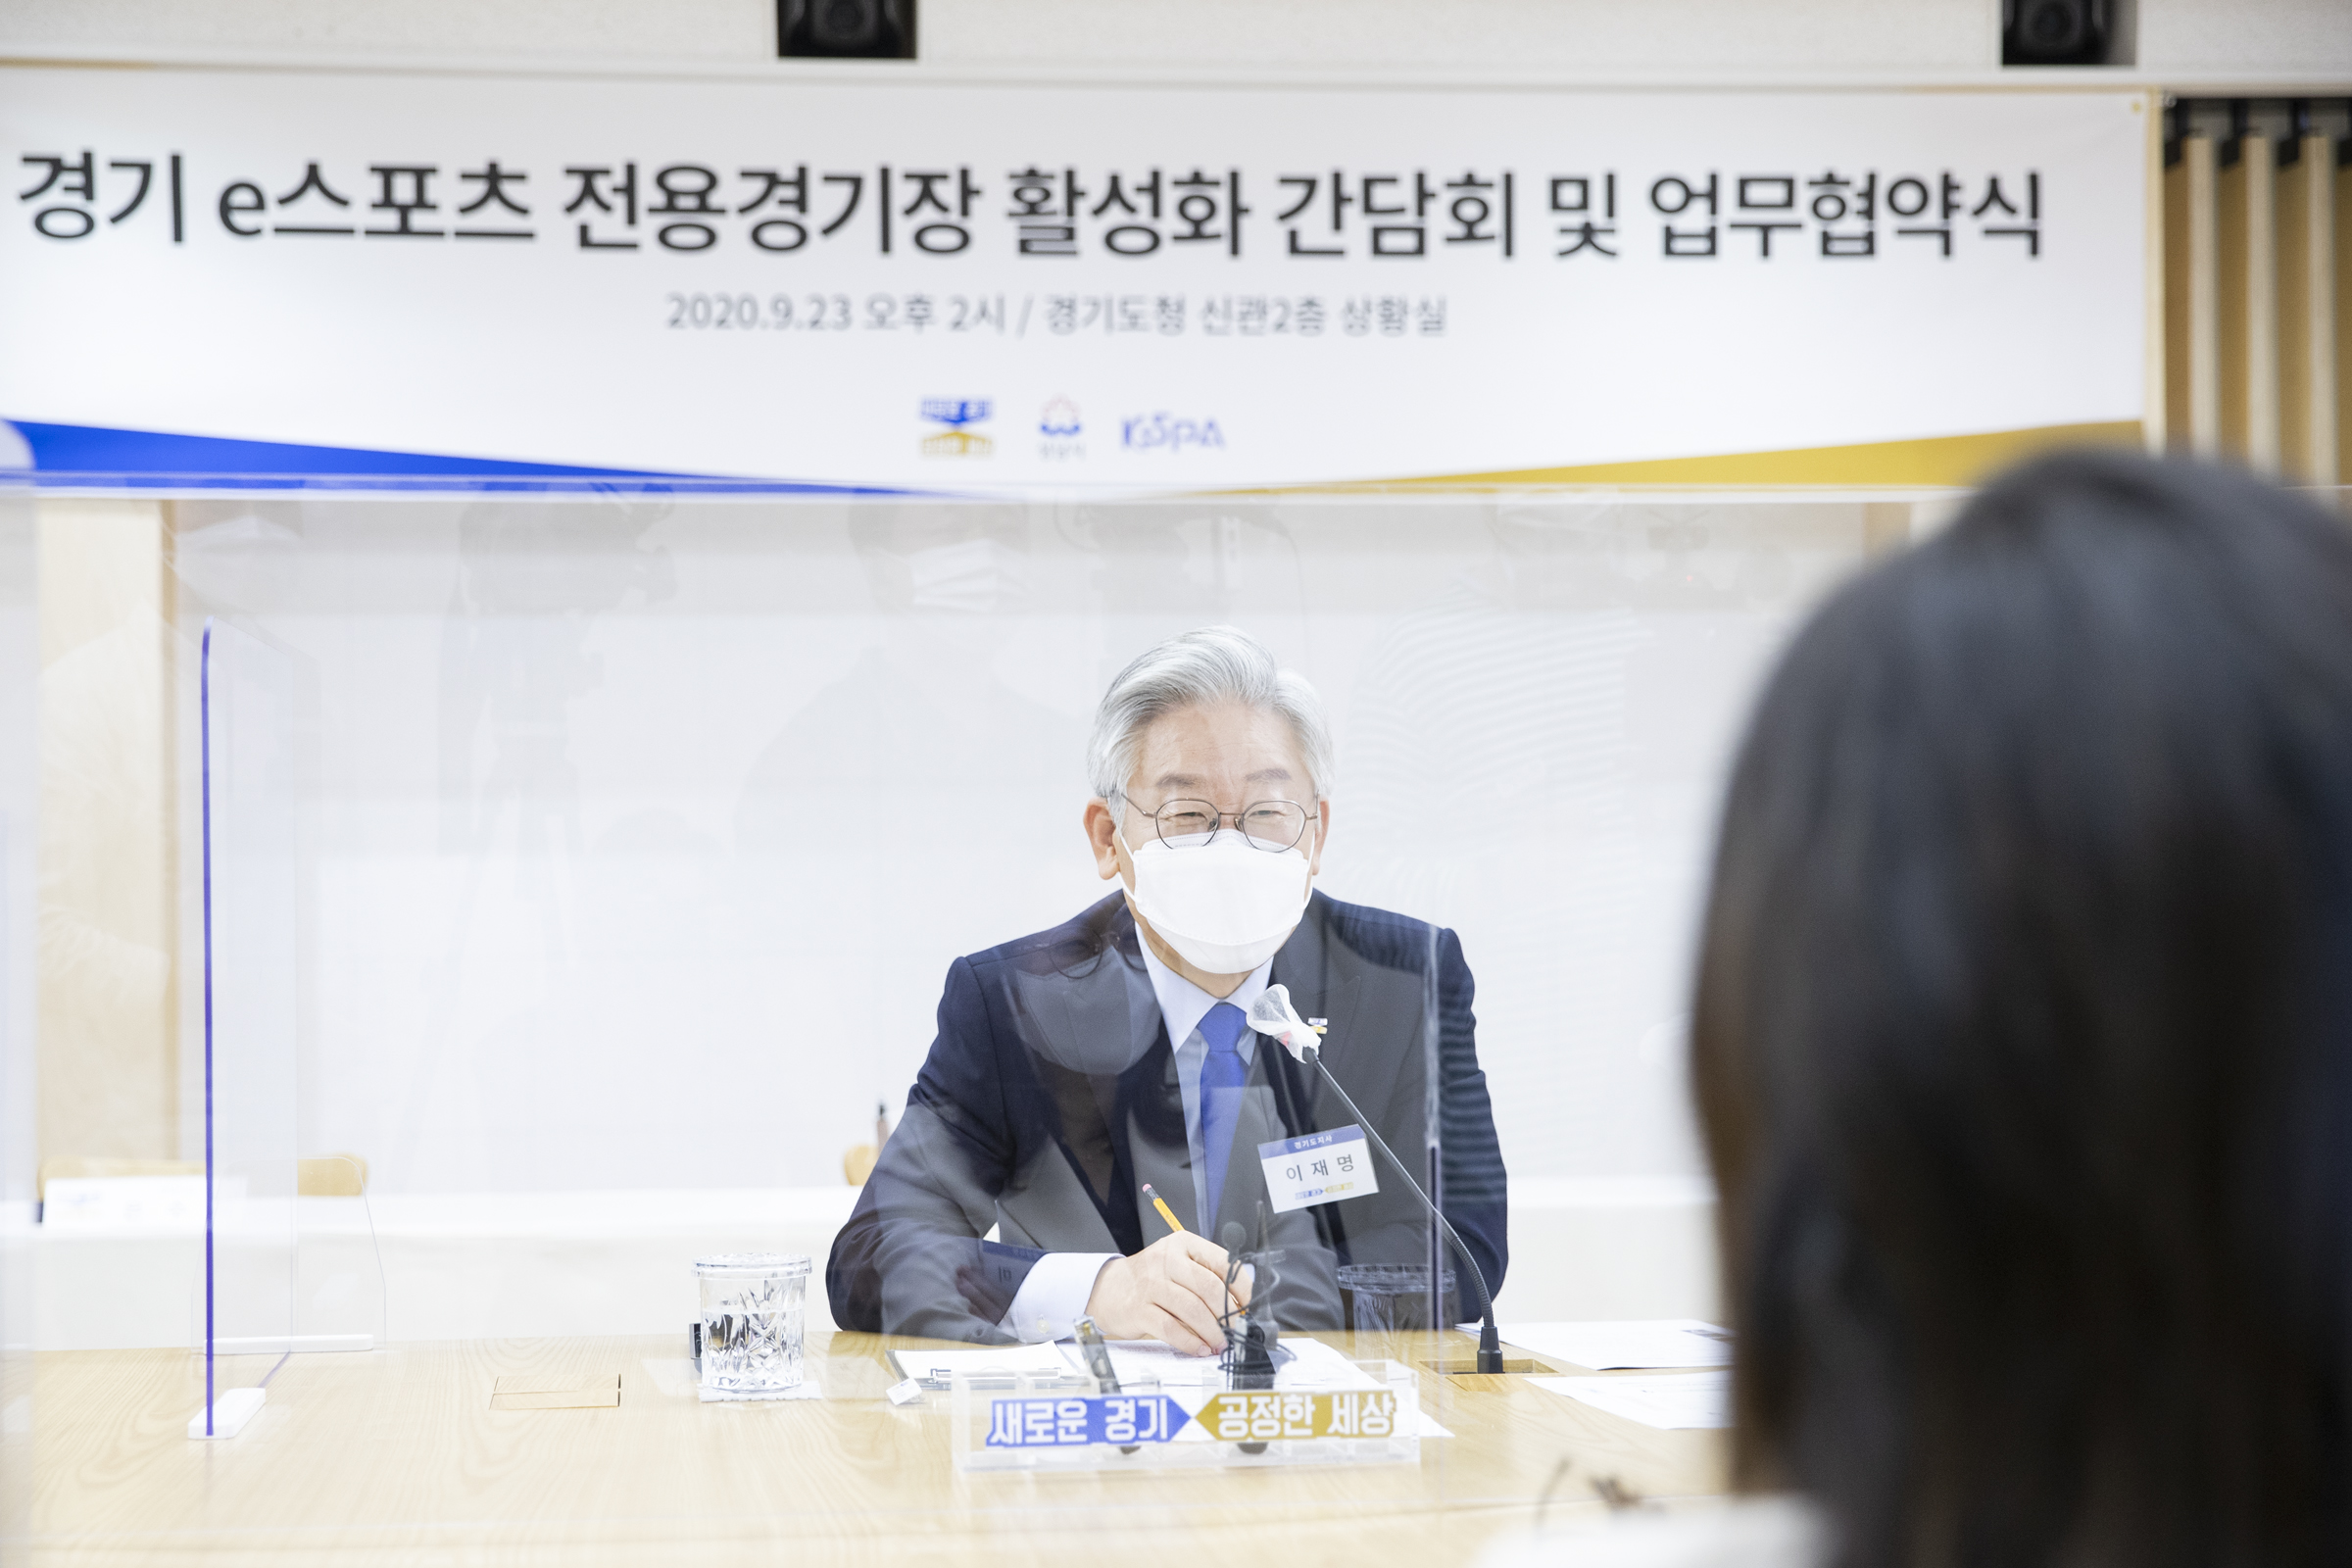 도, 성남시·한국이스포츠협회와 '경기 이스포츠 전용경기장 활성화' 맞손